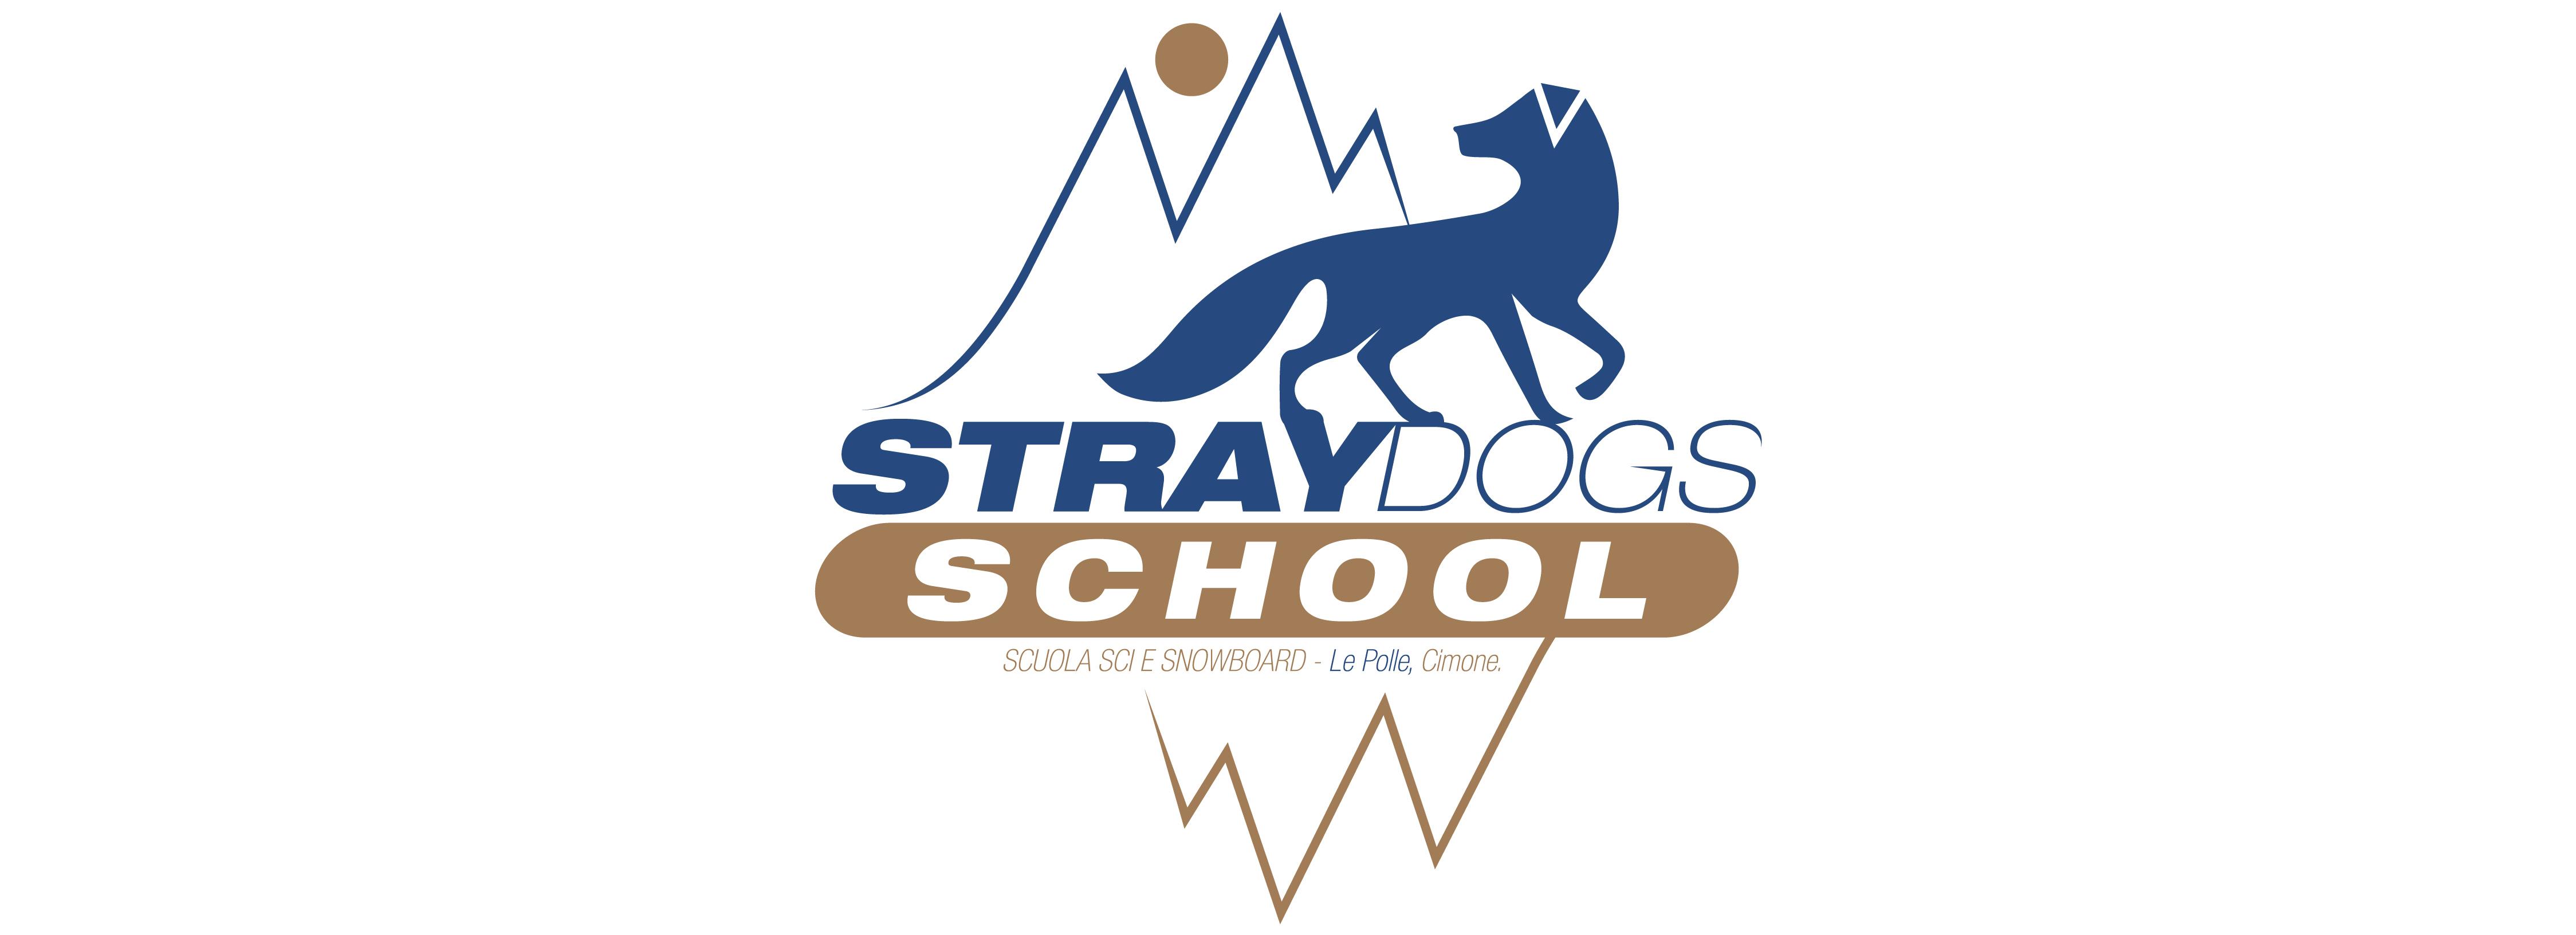 Stray Dogs School – Scuola Sci e Snowboard Cimone